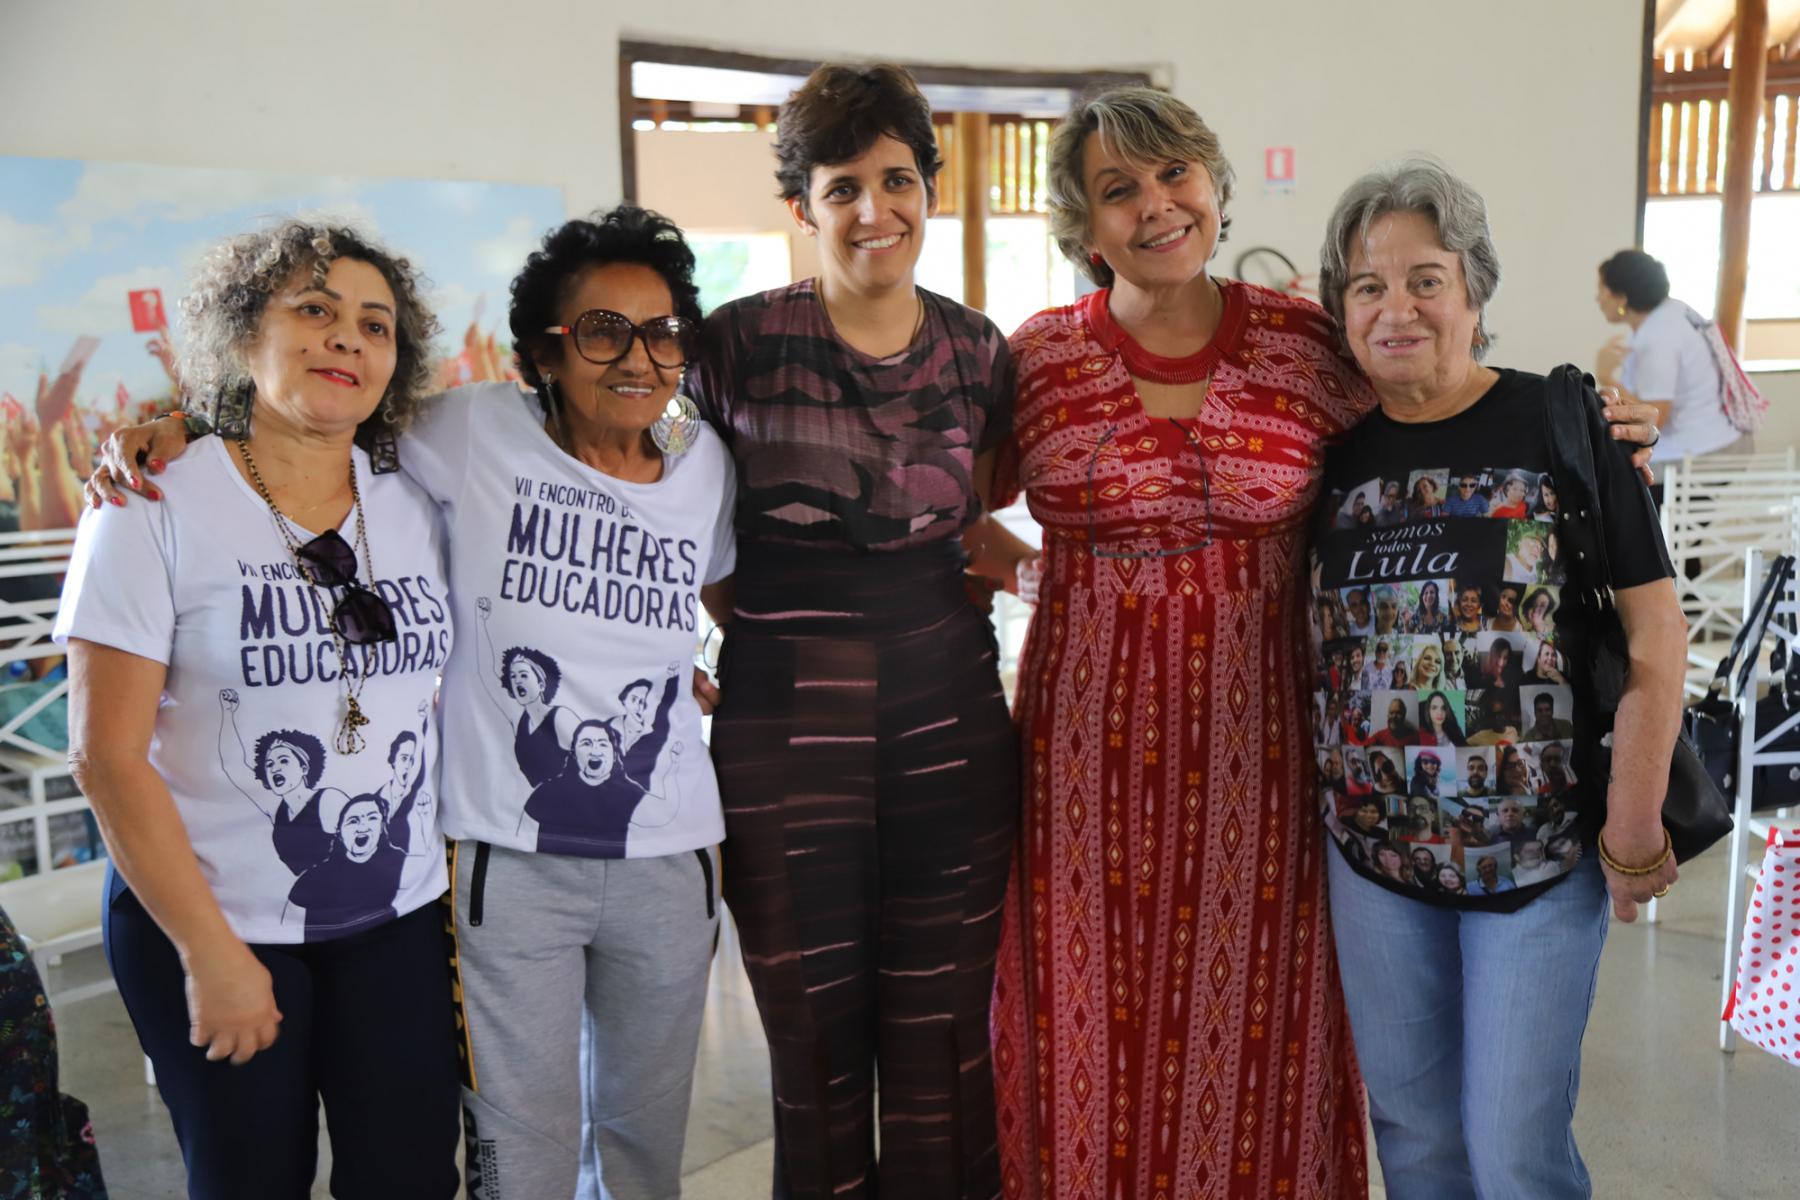 2019.04.27-VII-Encontro-de-Mulheres-Trabalhadoras_fotos-ECOM-14